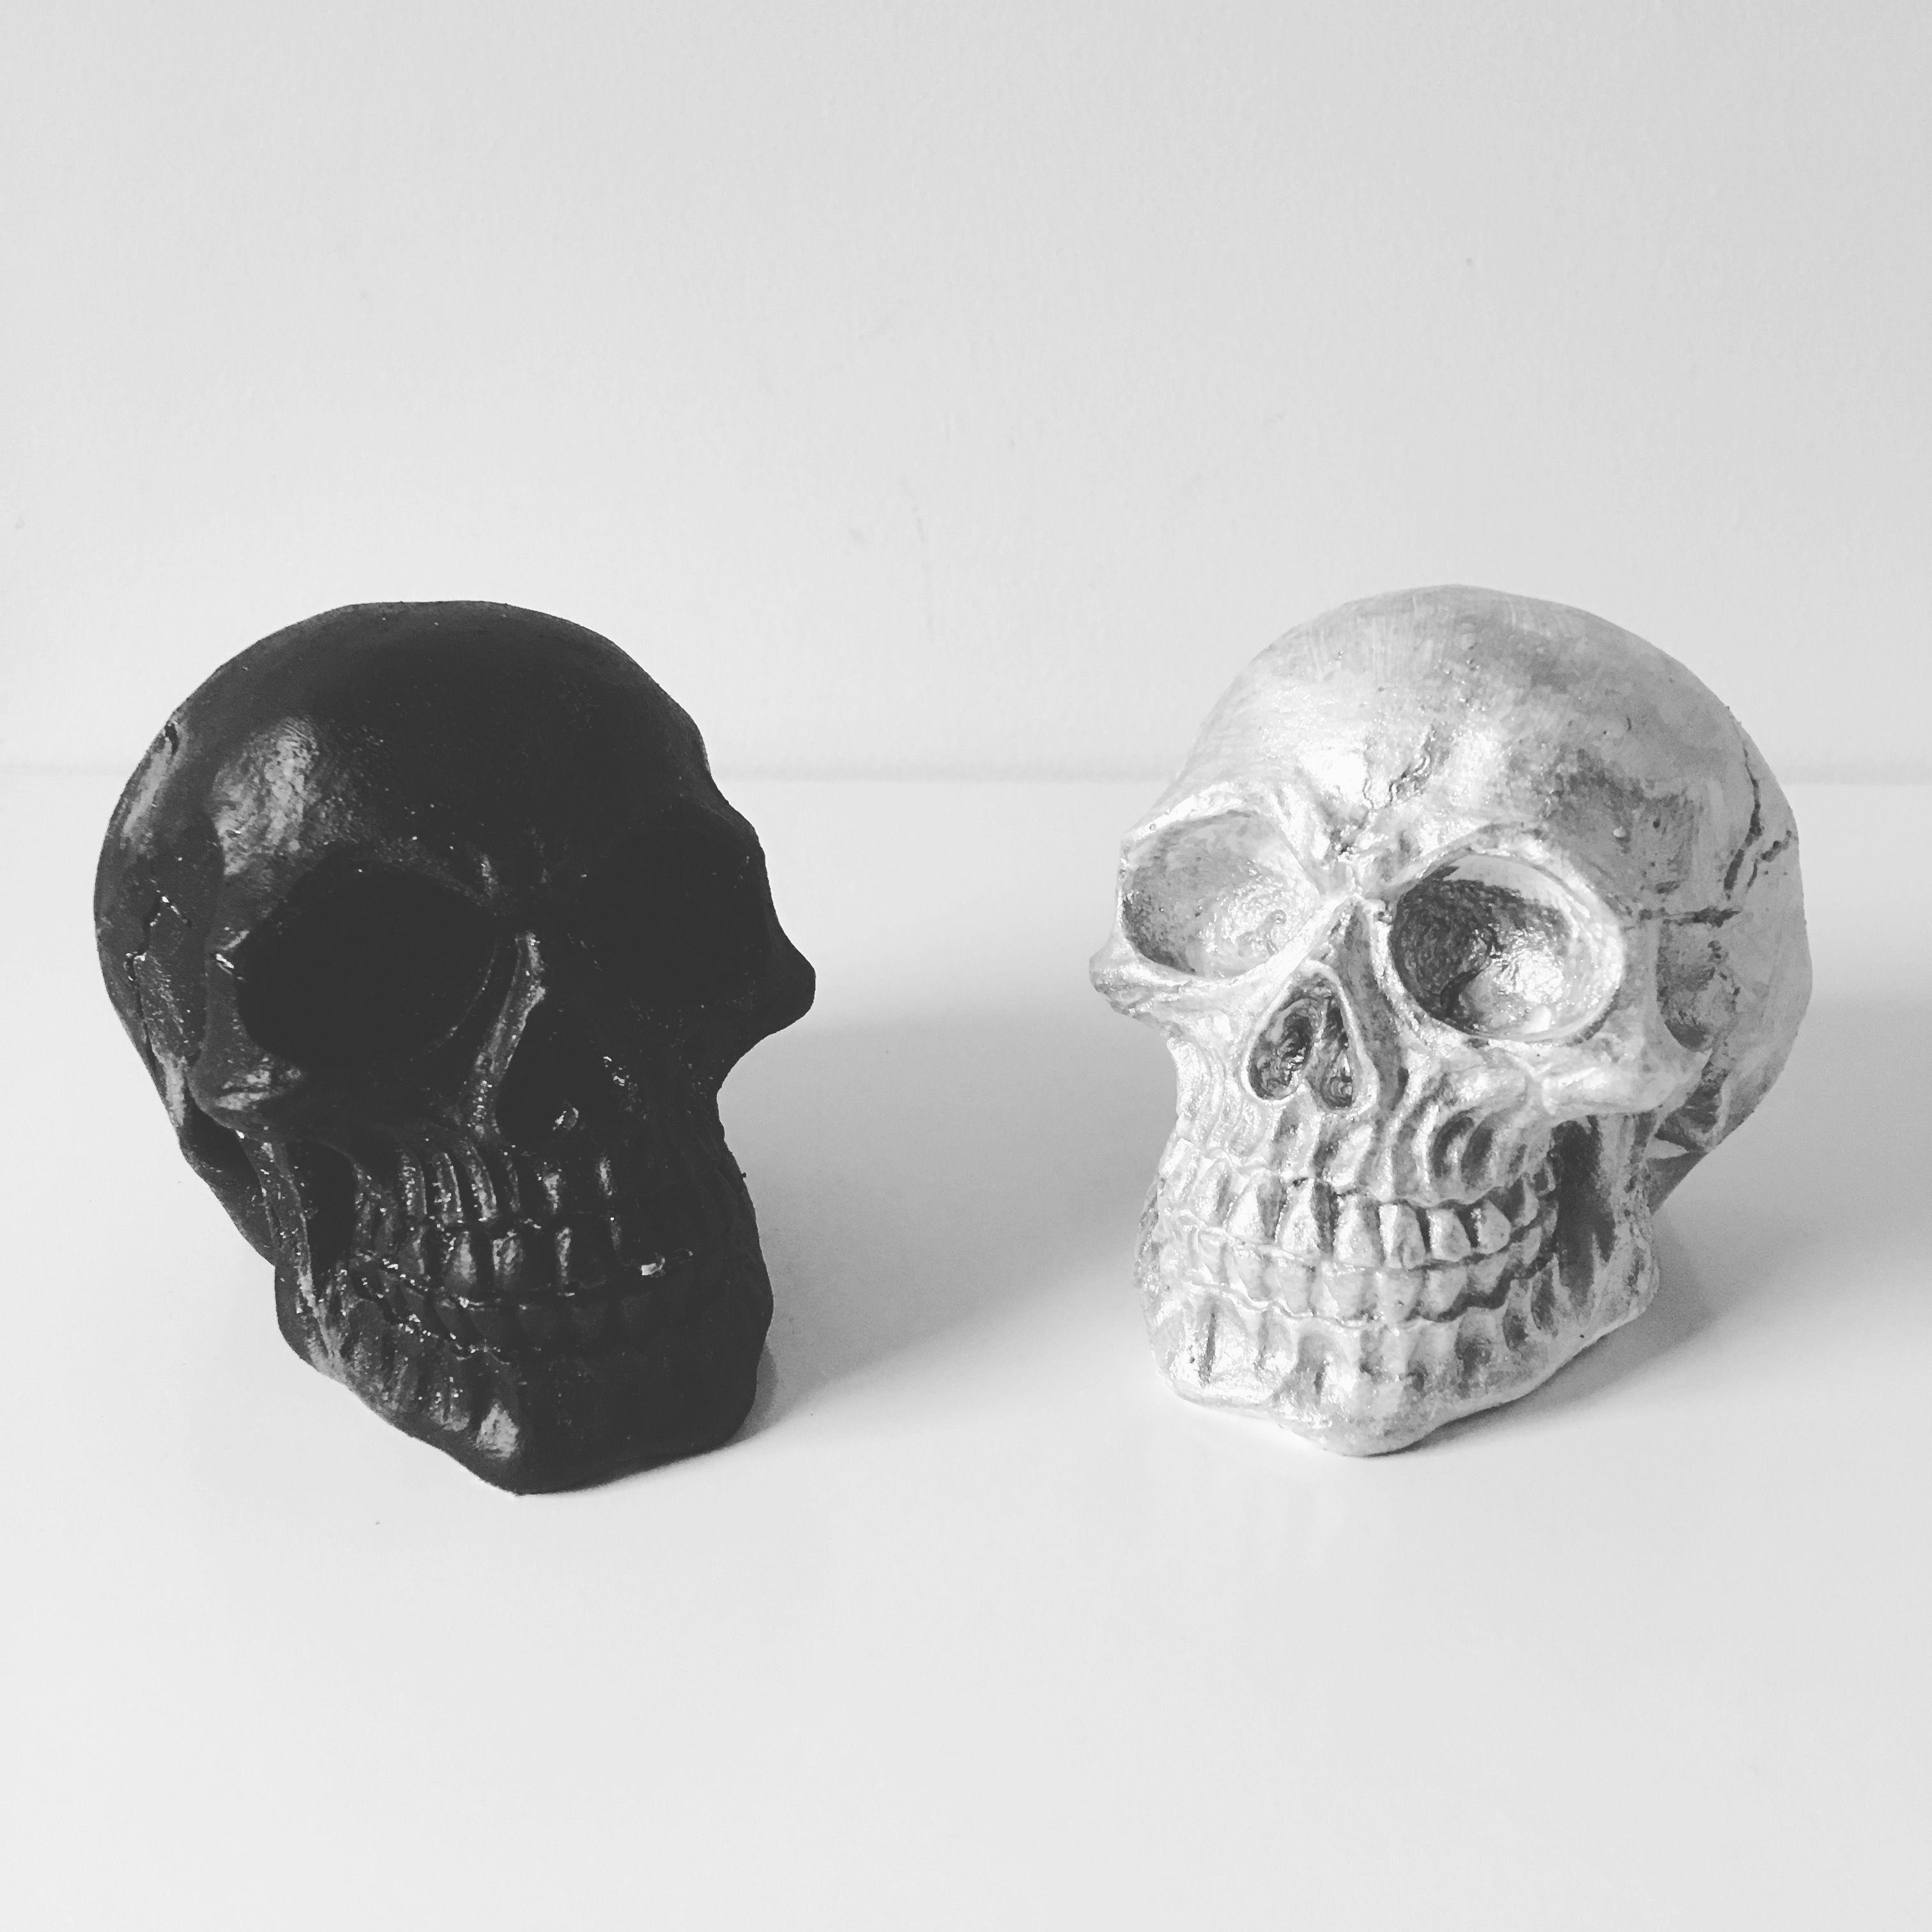 Https Www Etsy Listing 495234470 Skull